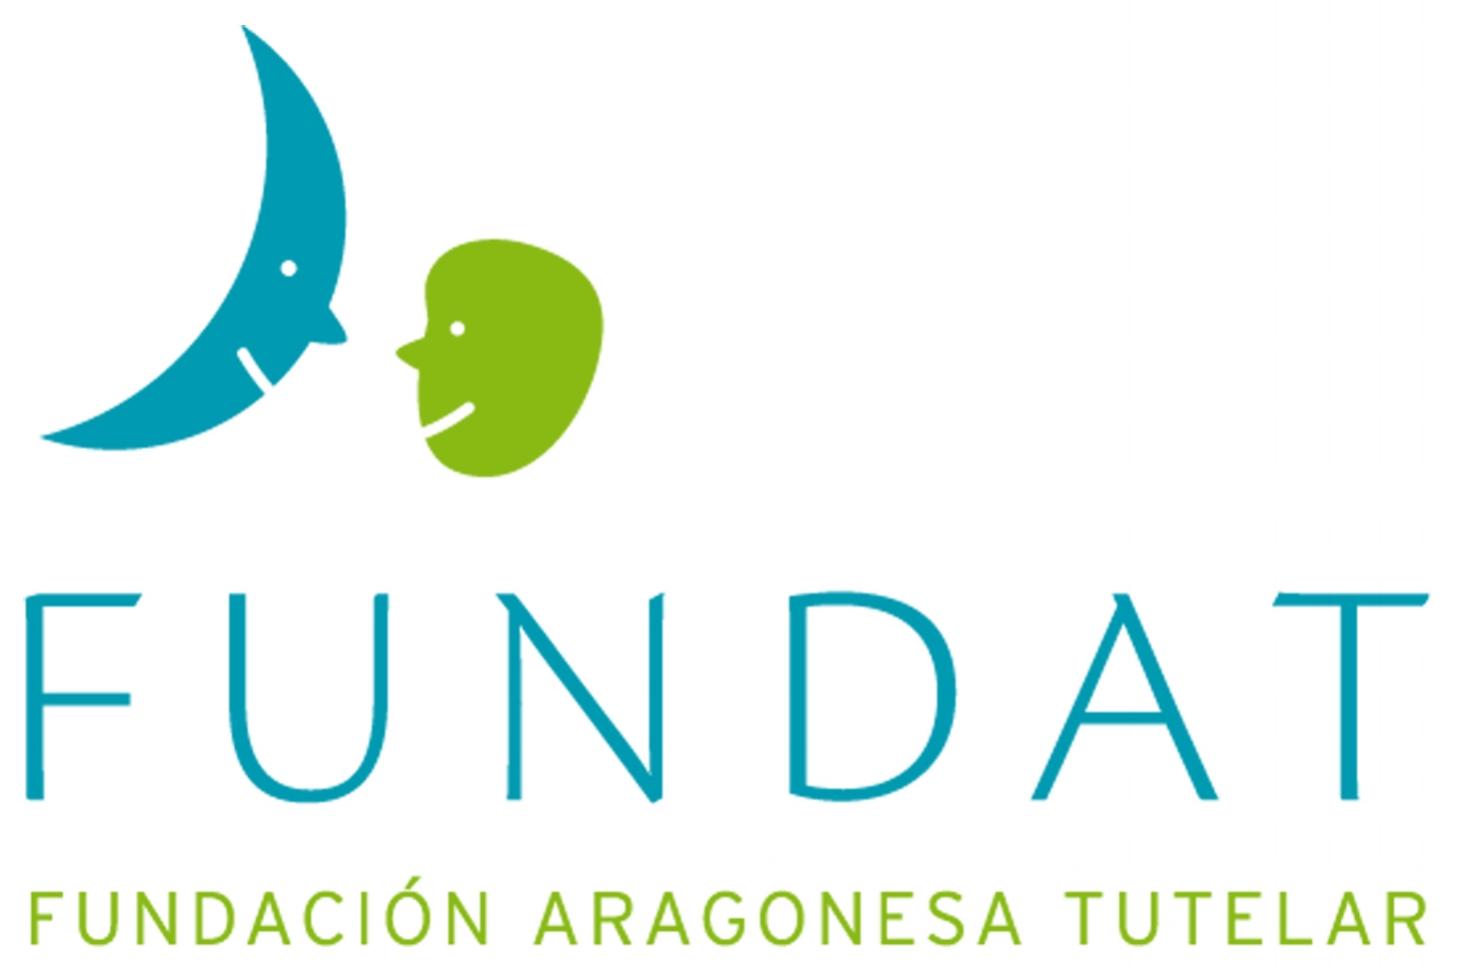 01_Logo Fundat.jpg